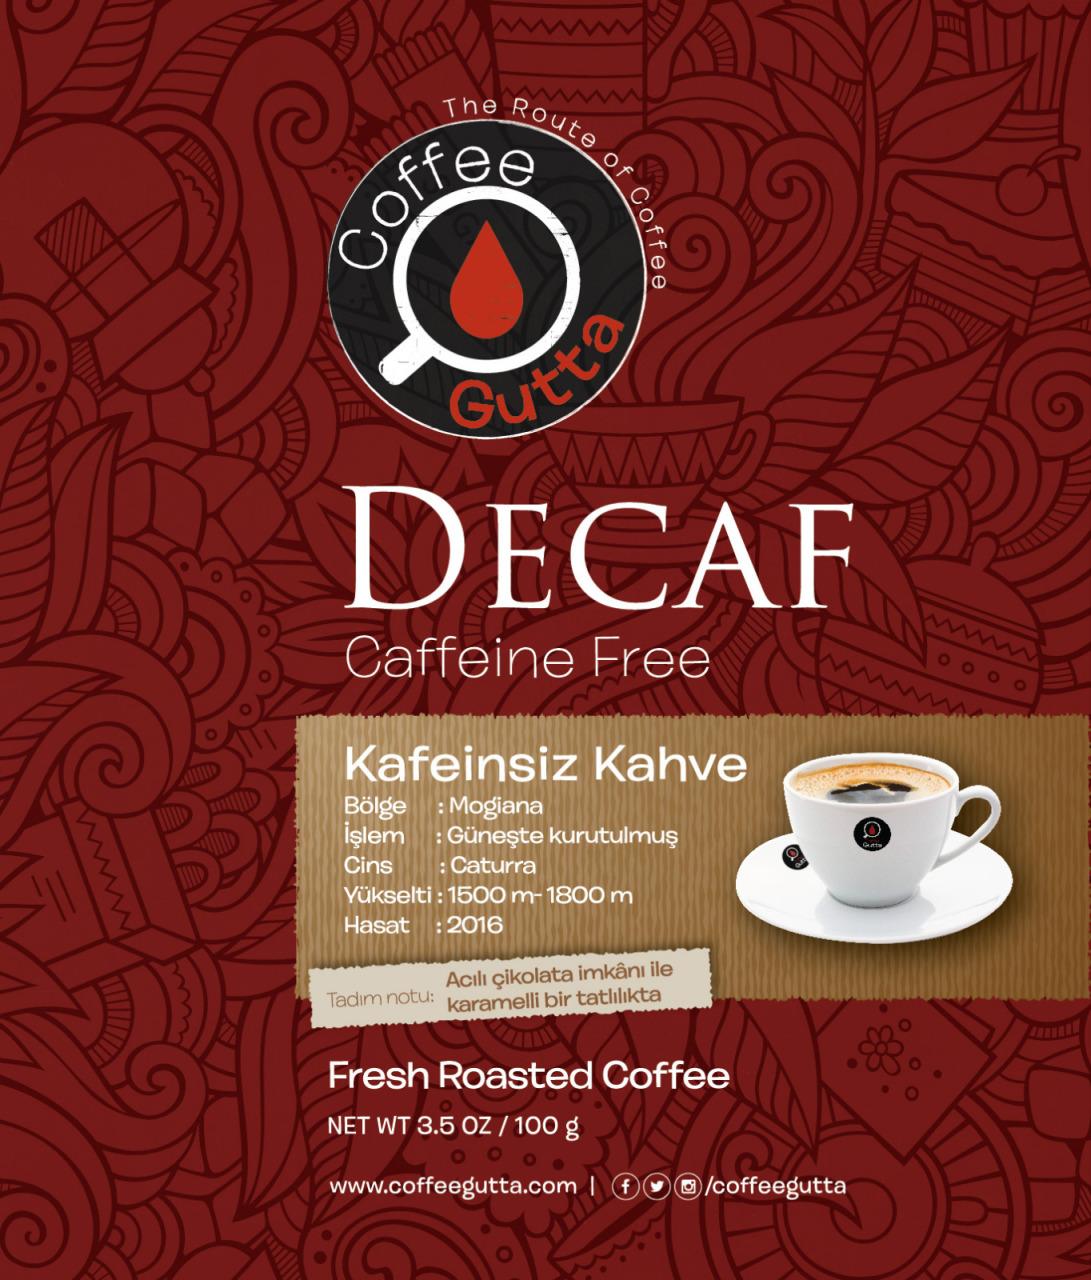 Coffee Gutta Decaf Kafeinsiz Kahve 250 G